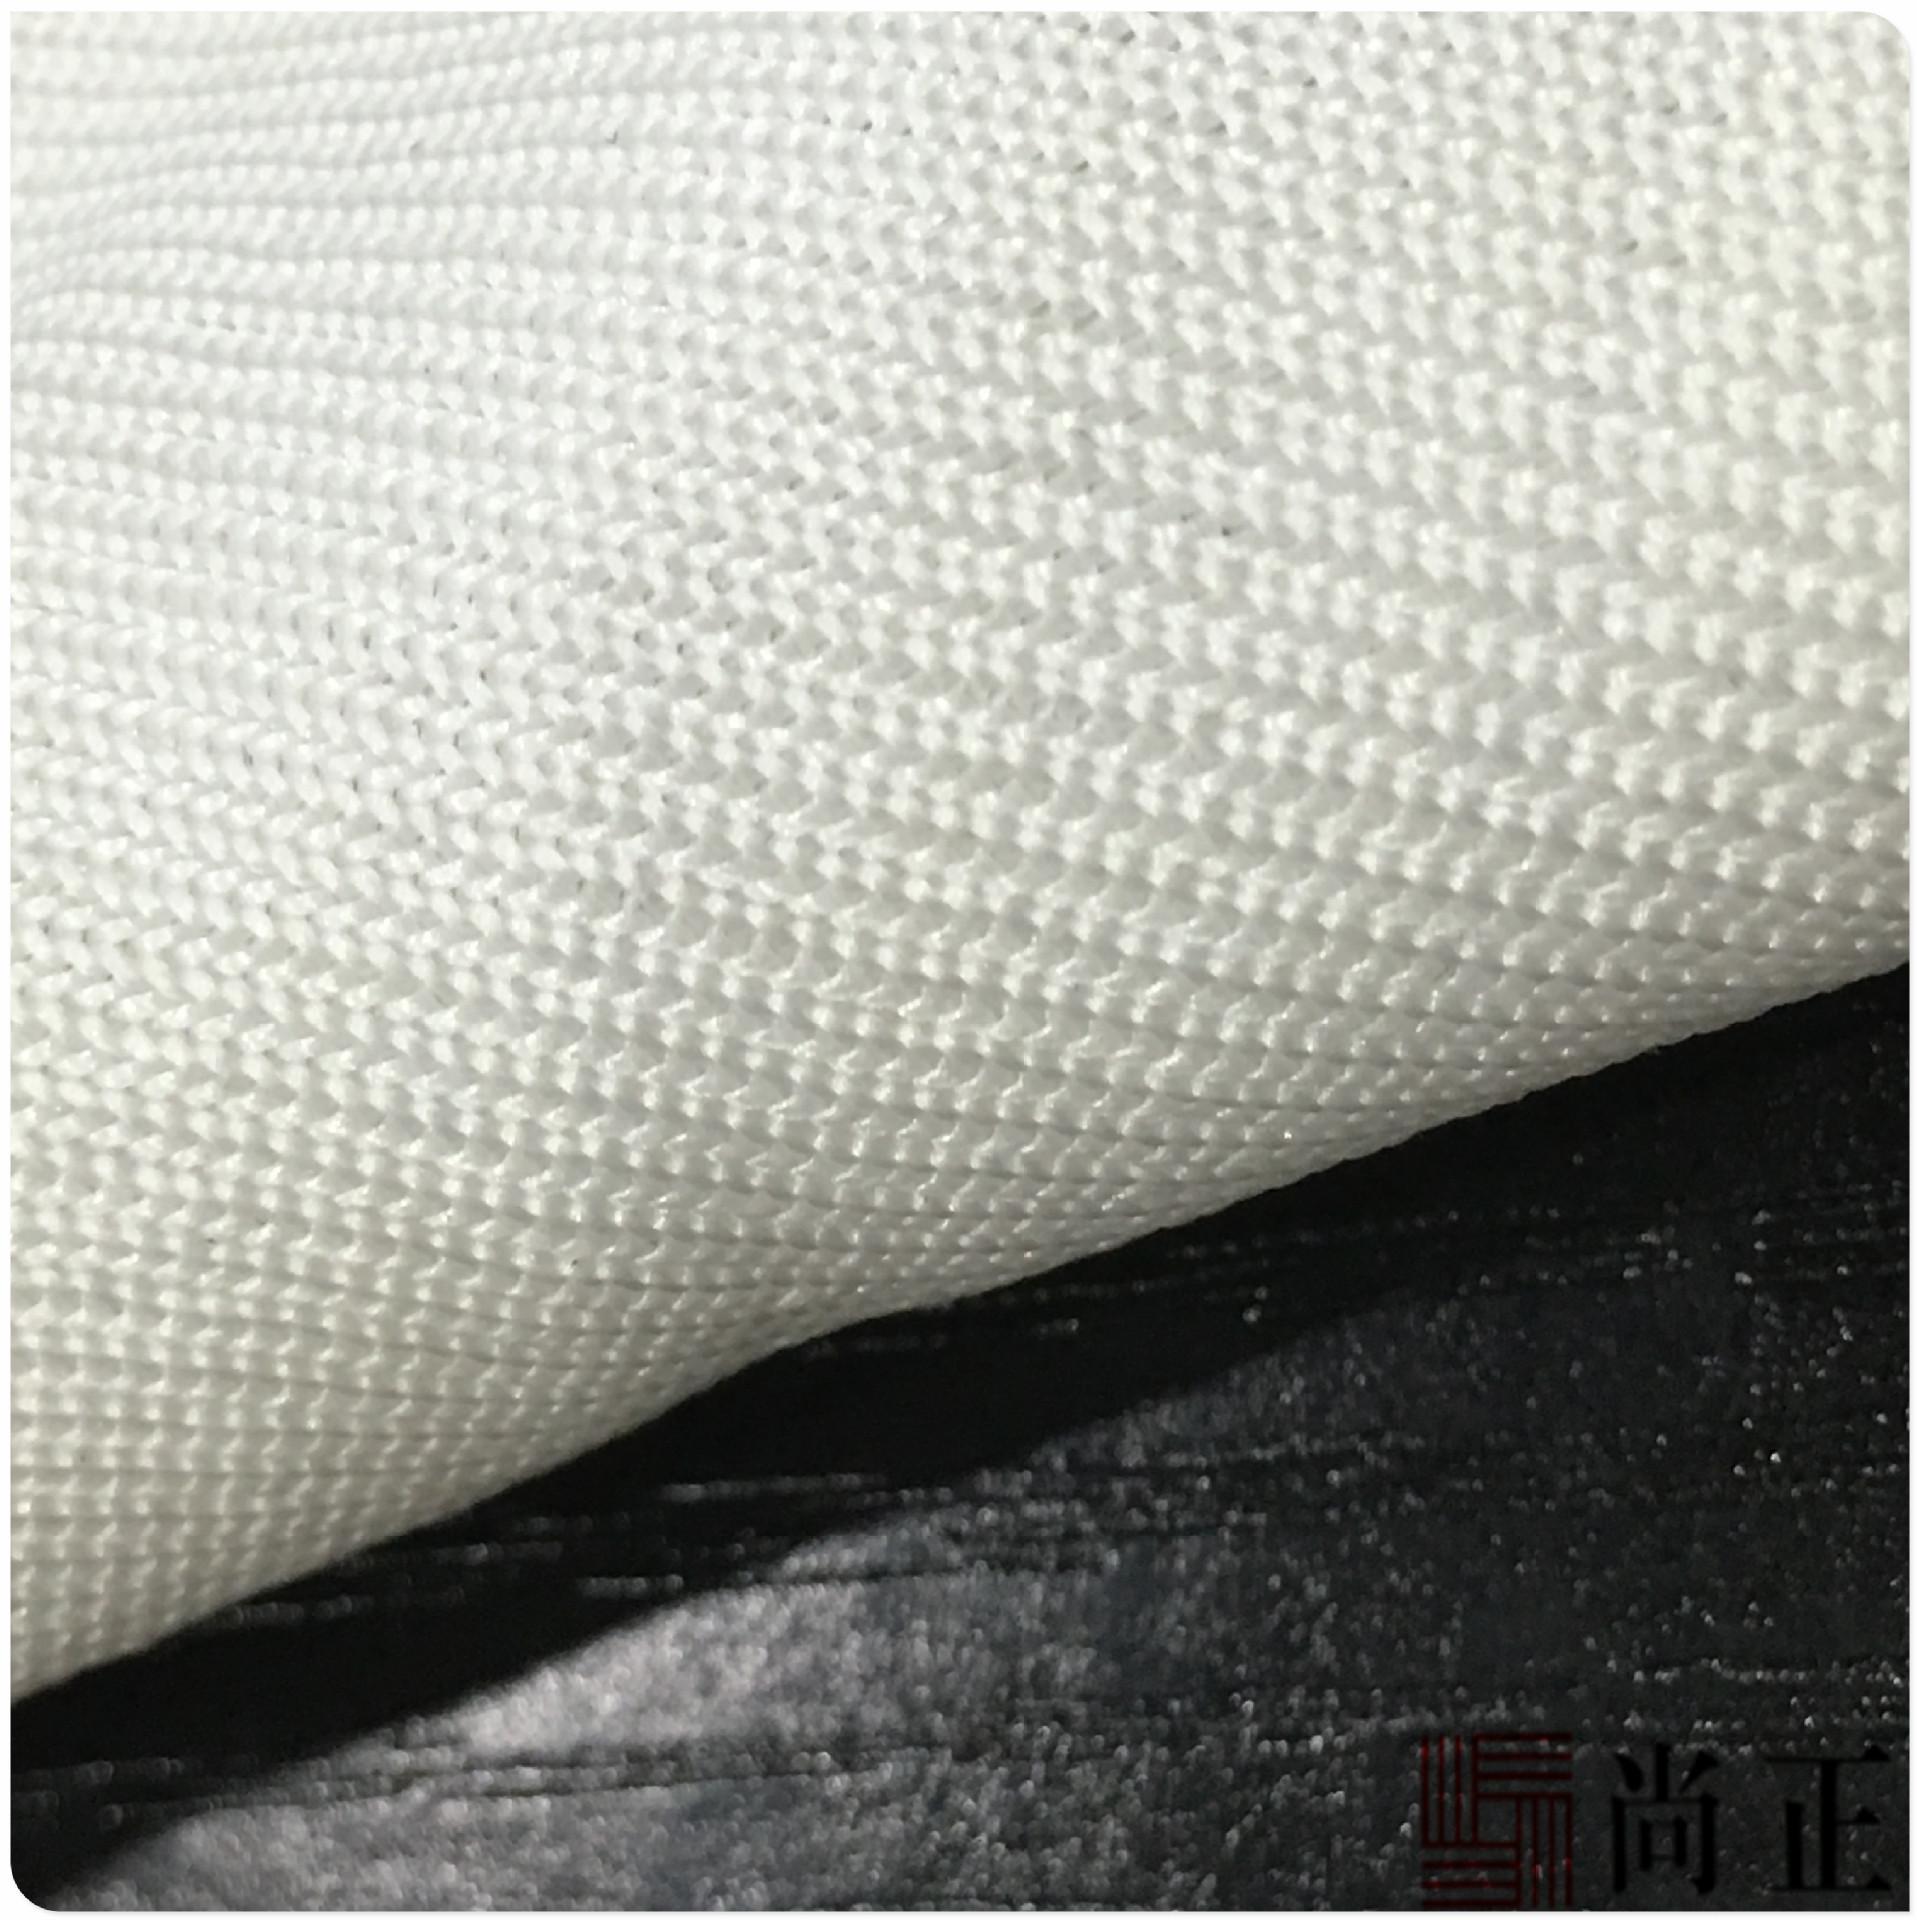 Nhà máy sản xuất bán chức năng chống gươm dao cắt cắt phòng chống chèo - đan áo vải quần áo bảo vệ a